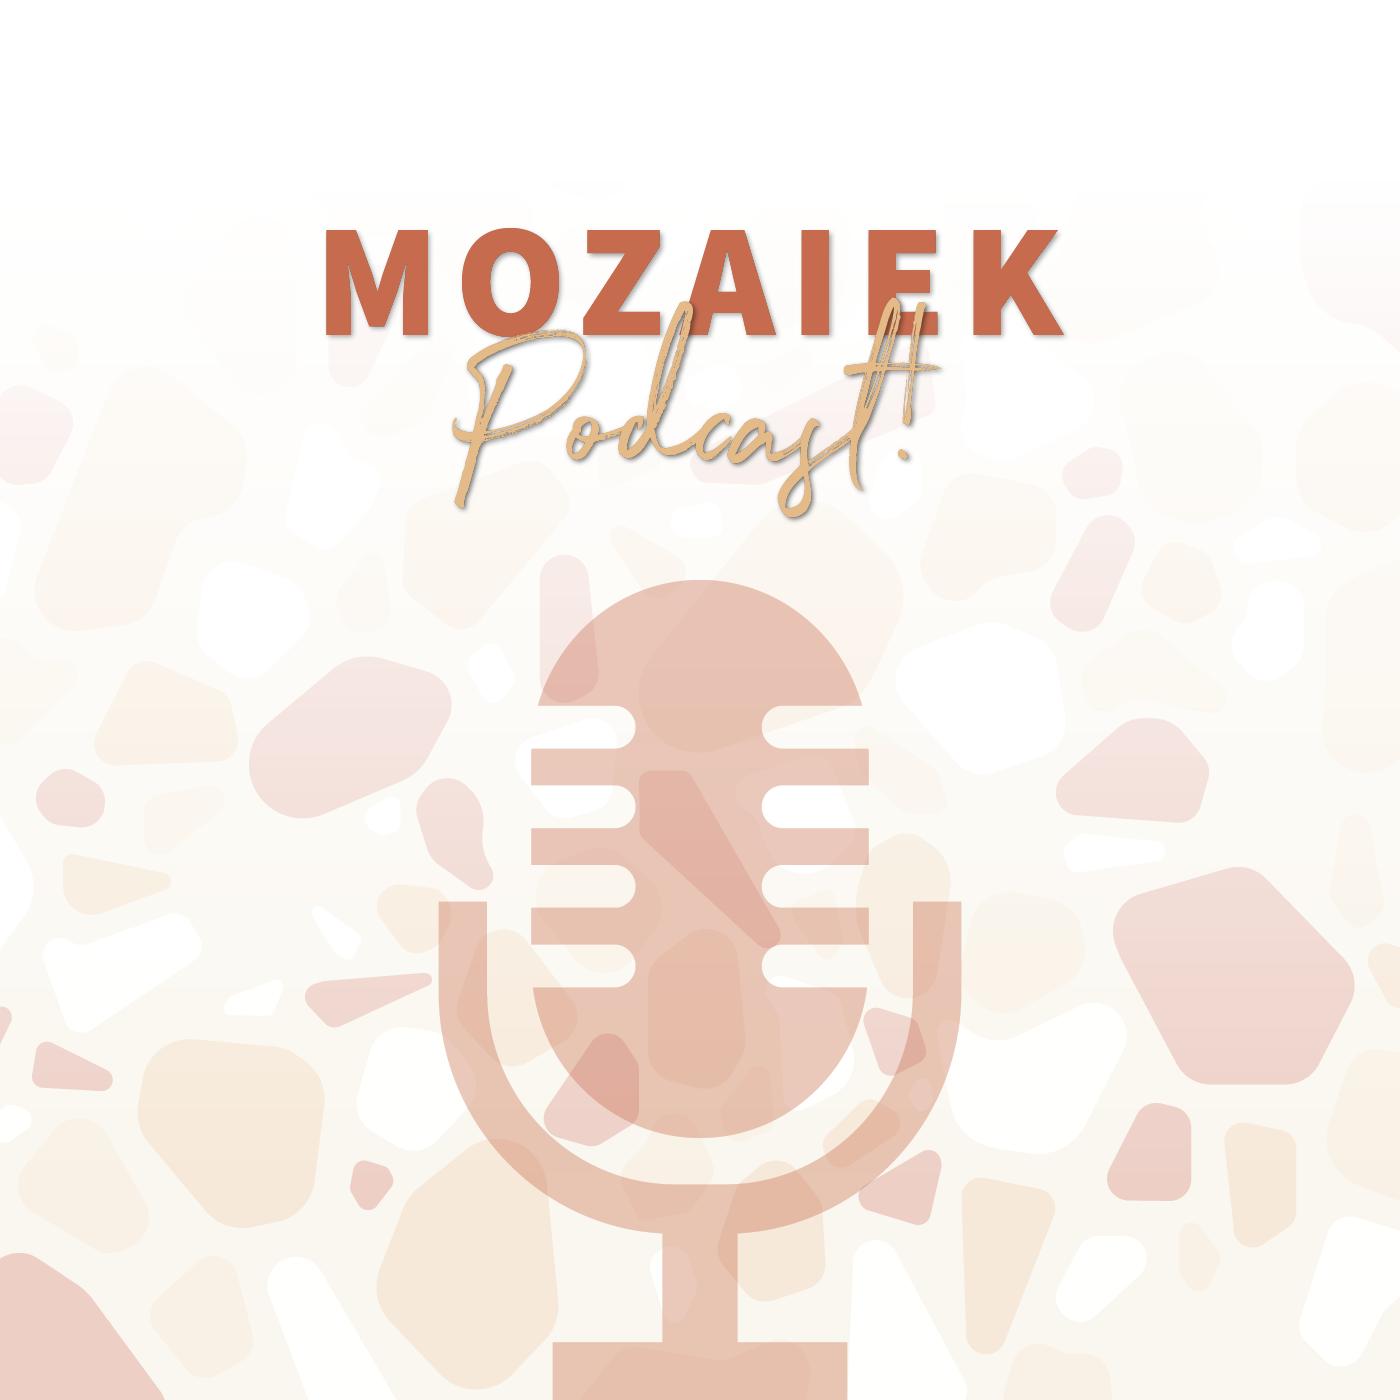 Mozaiek Podcast logo